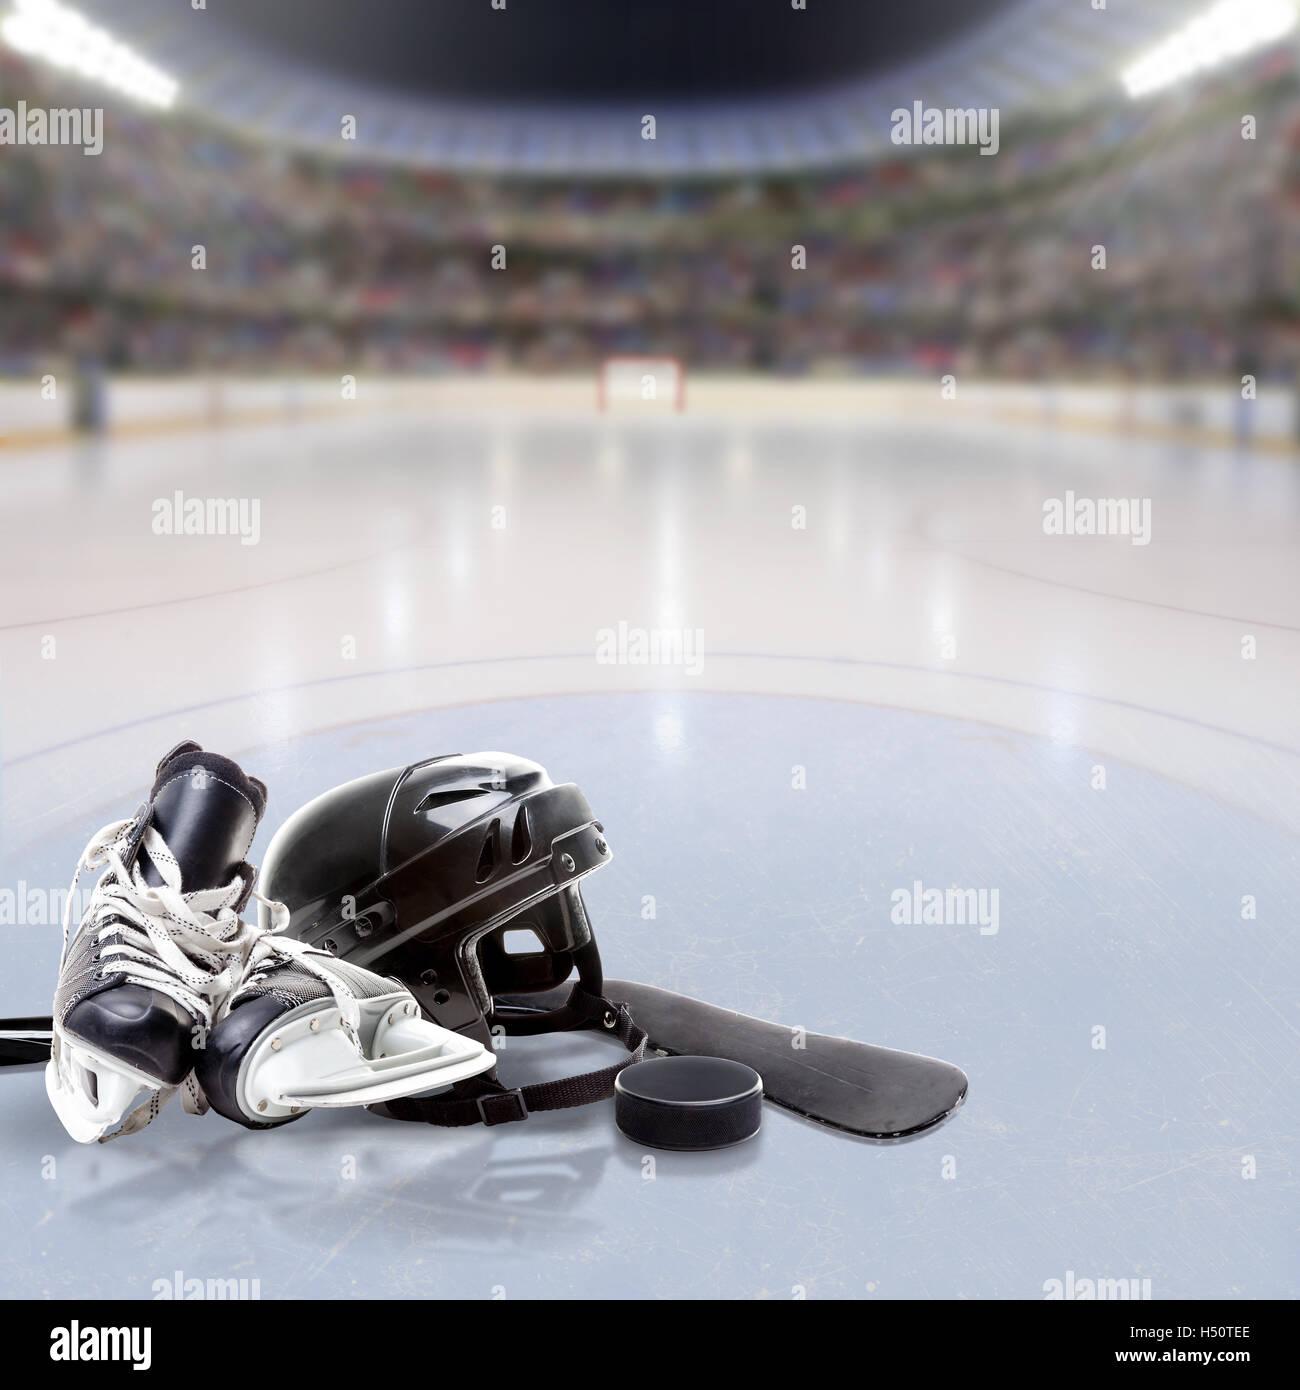 Hockey pieno di tifosi sulle tribune con casco, pattini, stick e puck su ghiaccio e copia di spazio. La deliberata Immagini Stock